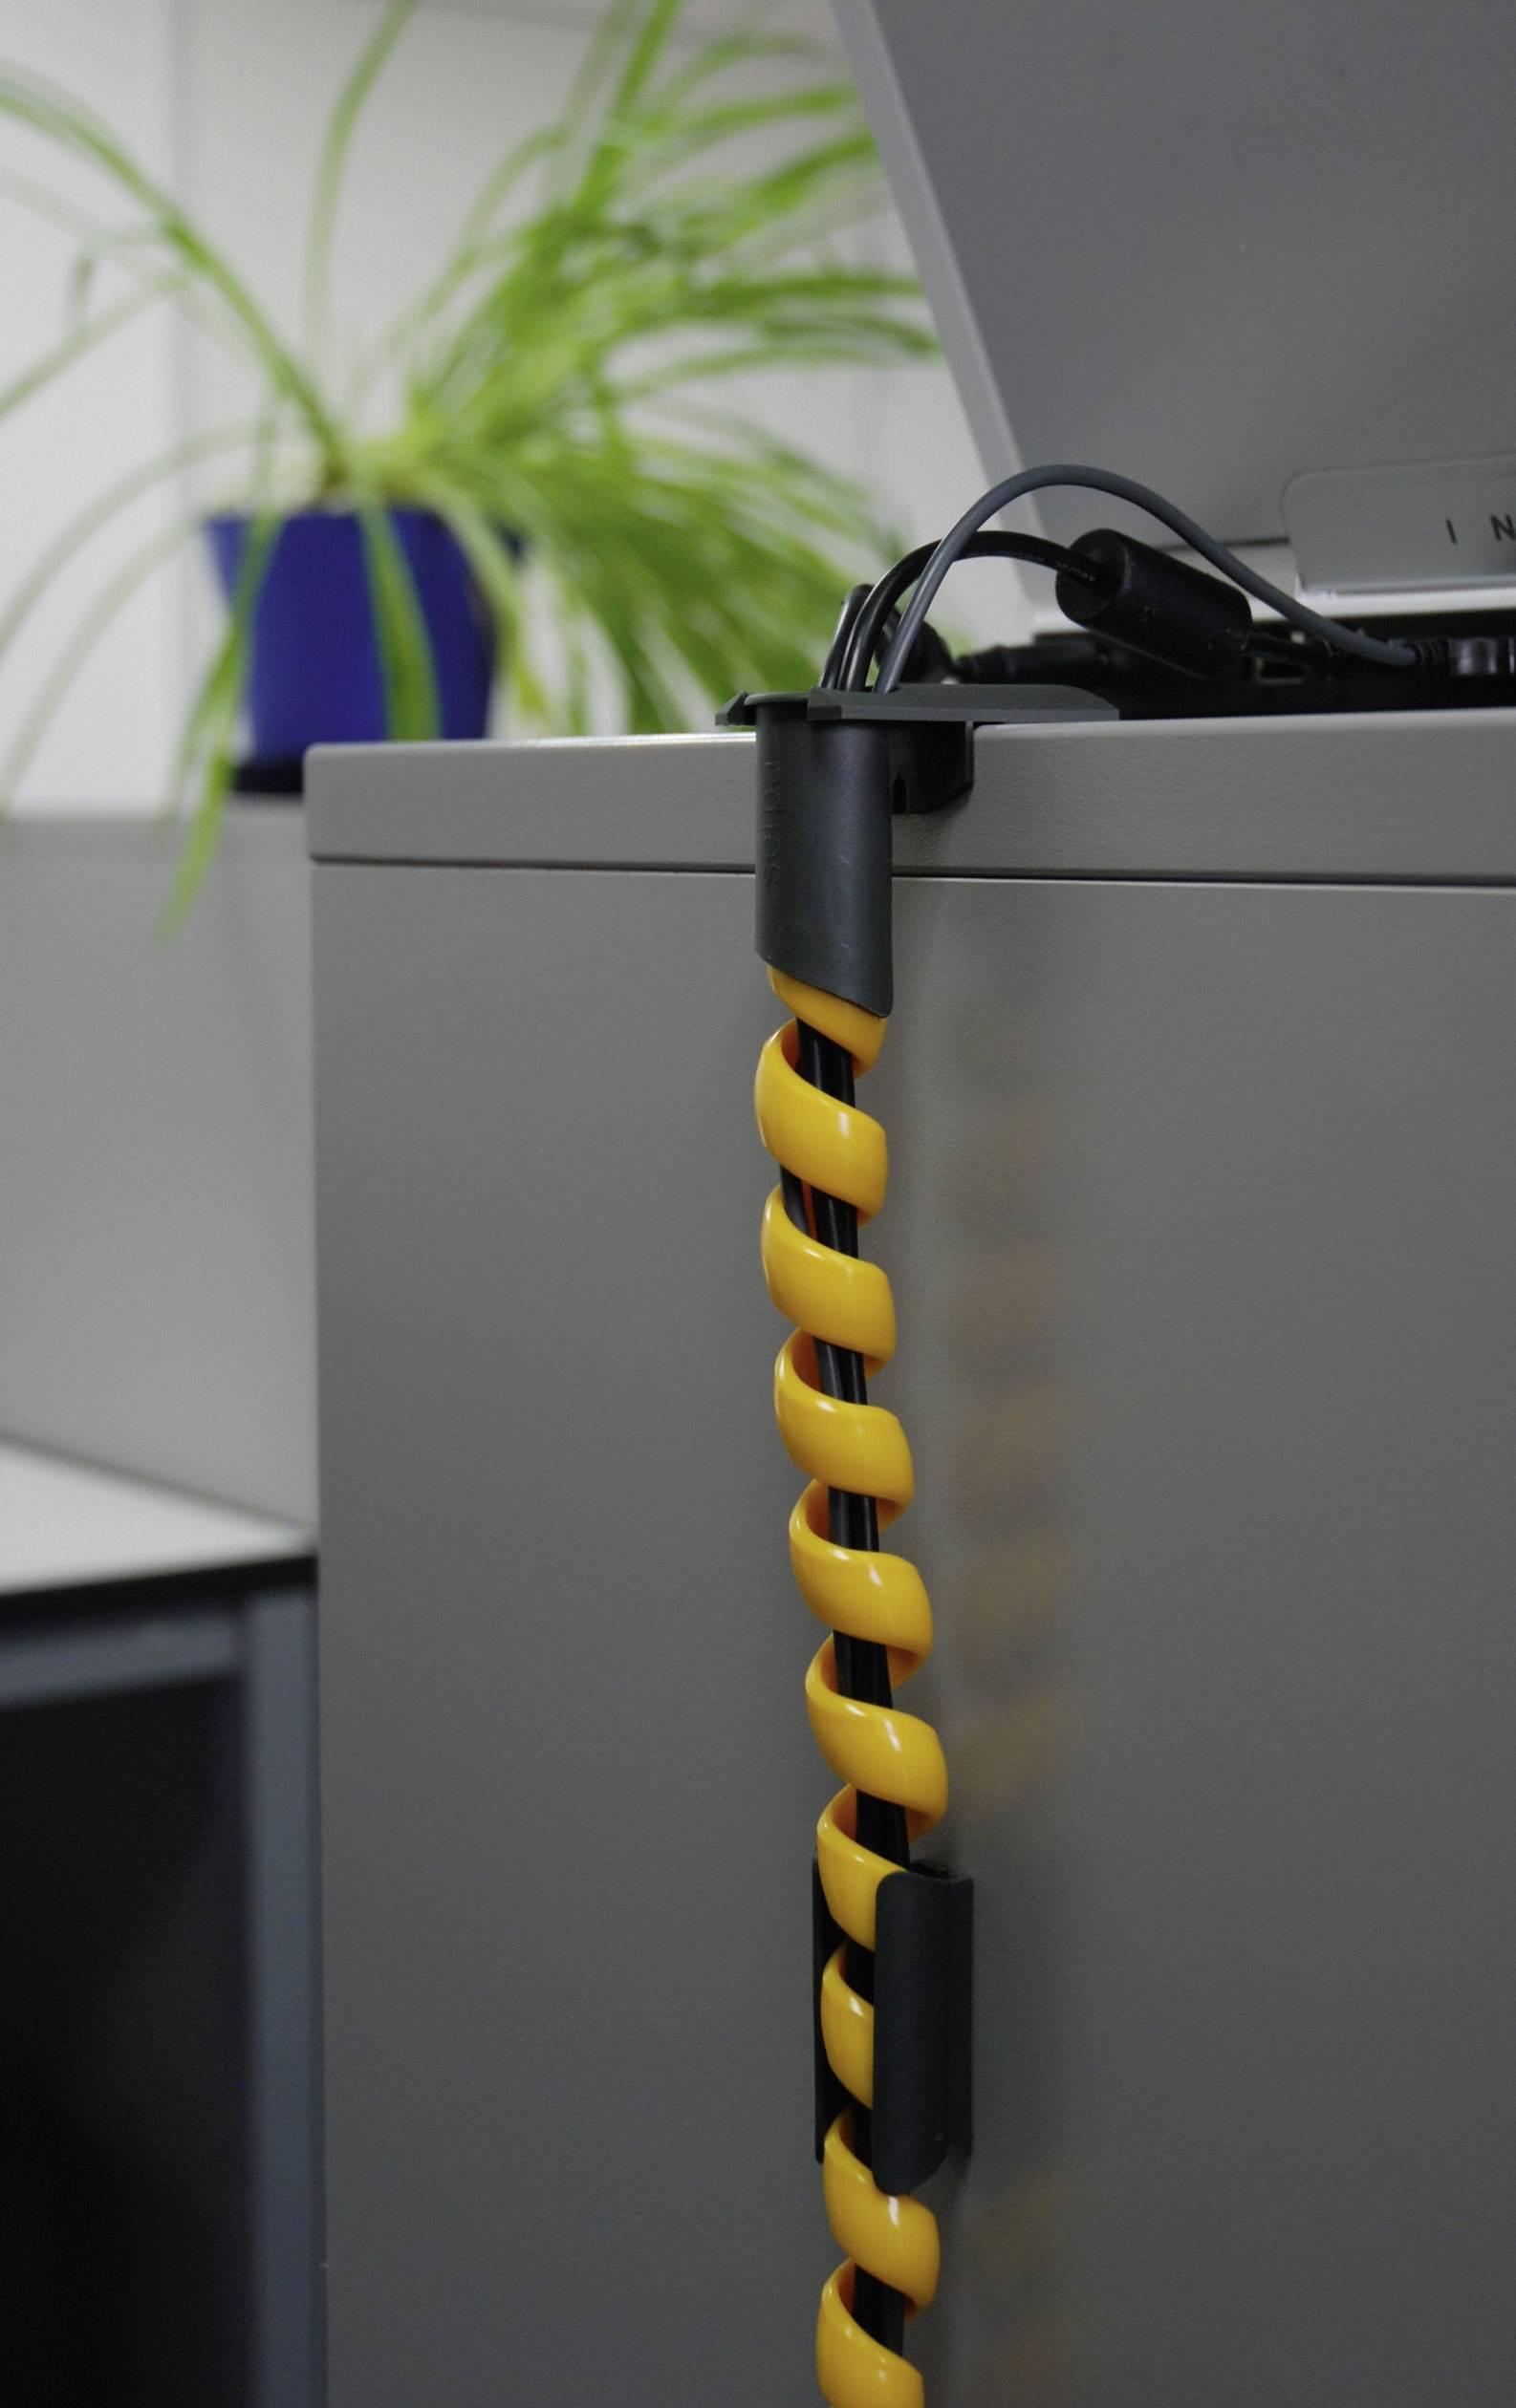 Špirálový káblový oplet Serpa 5.04595.1028 5.04595.1028, žltá, 1 ks